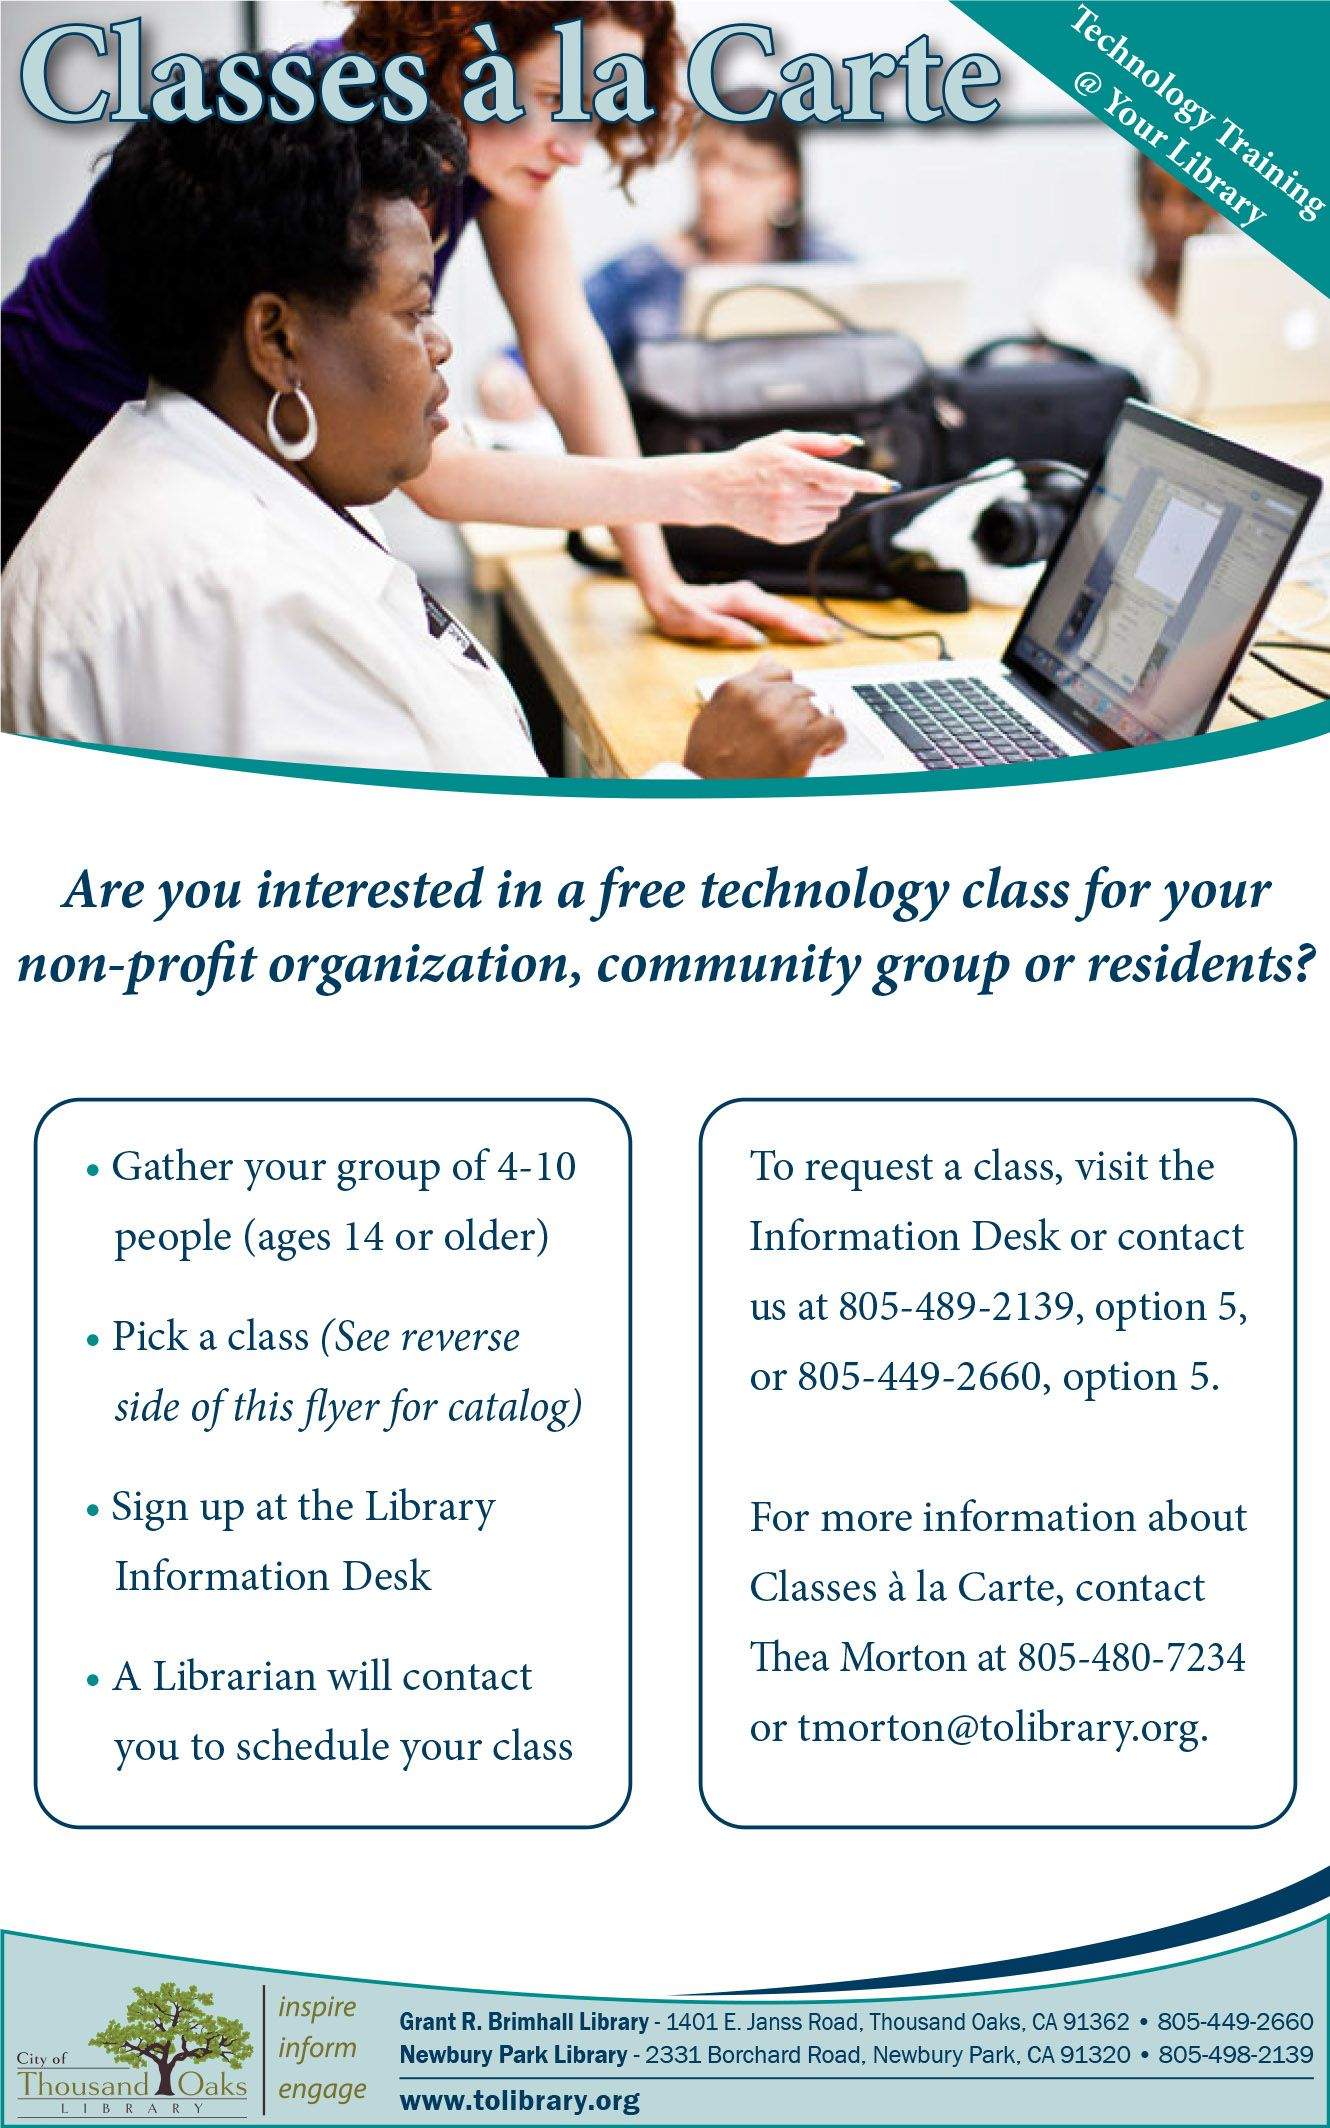 Classes à la Carte Free technology, Community group, Non